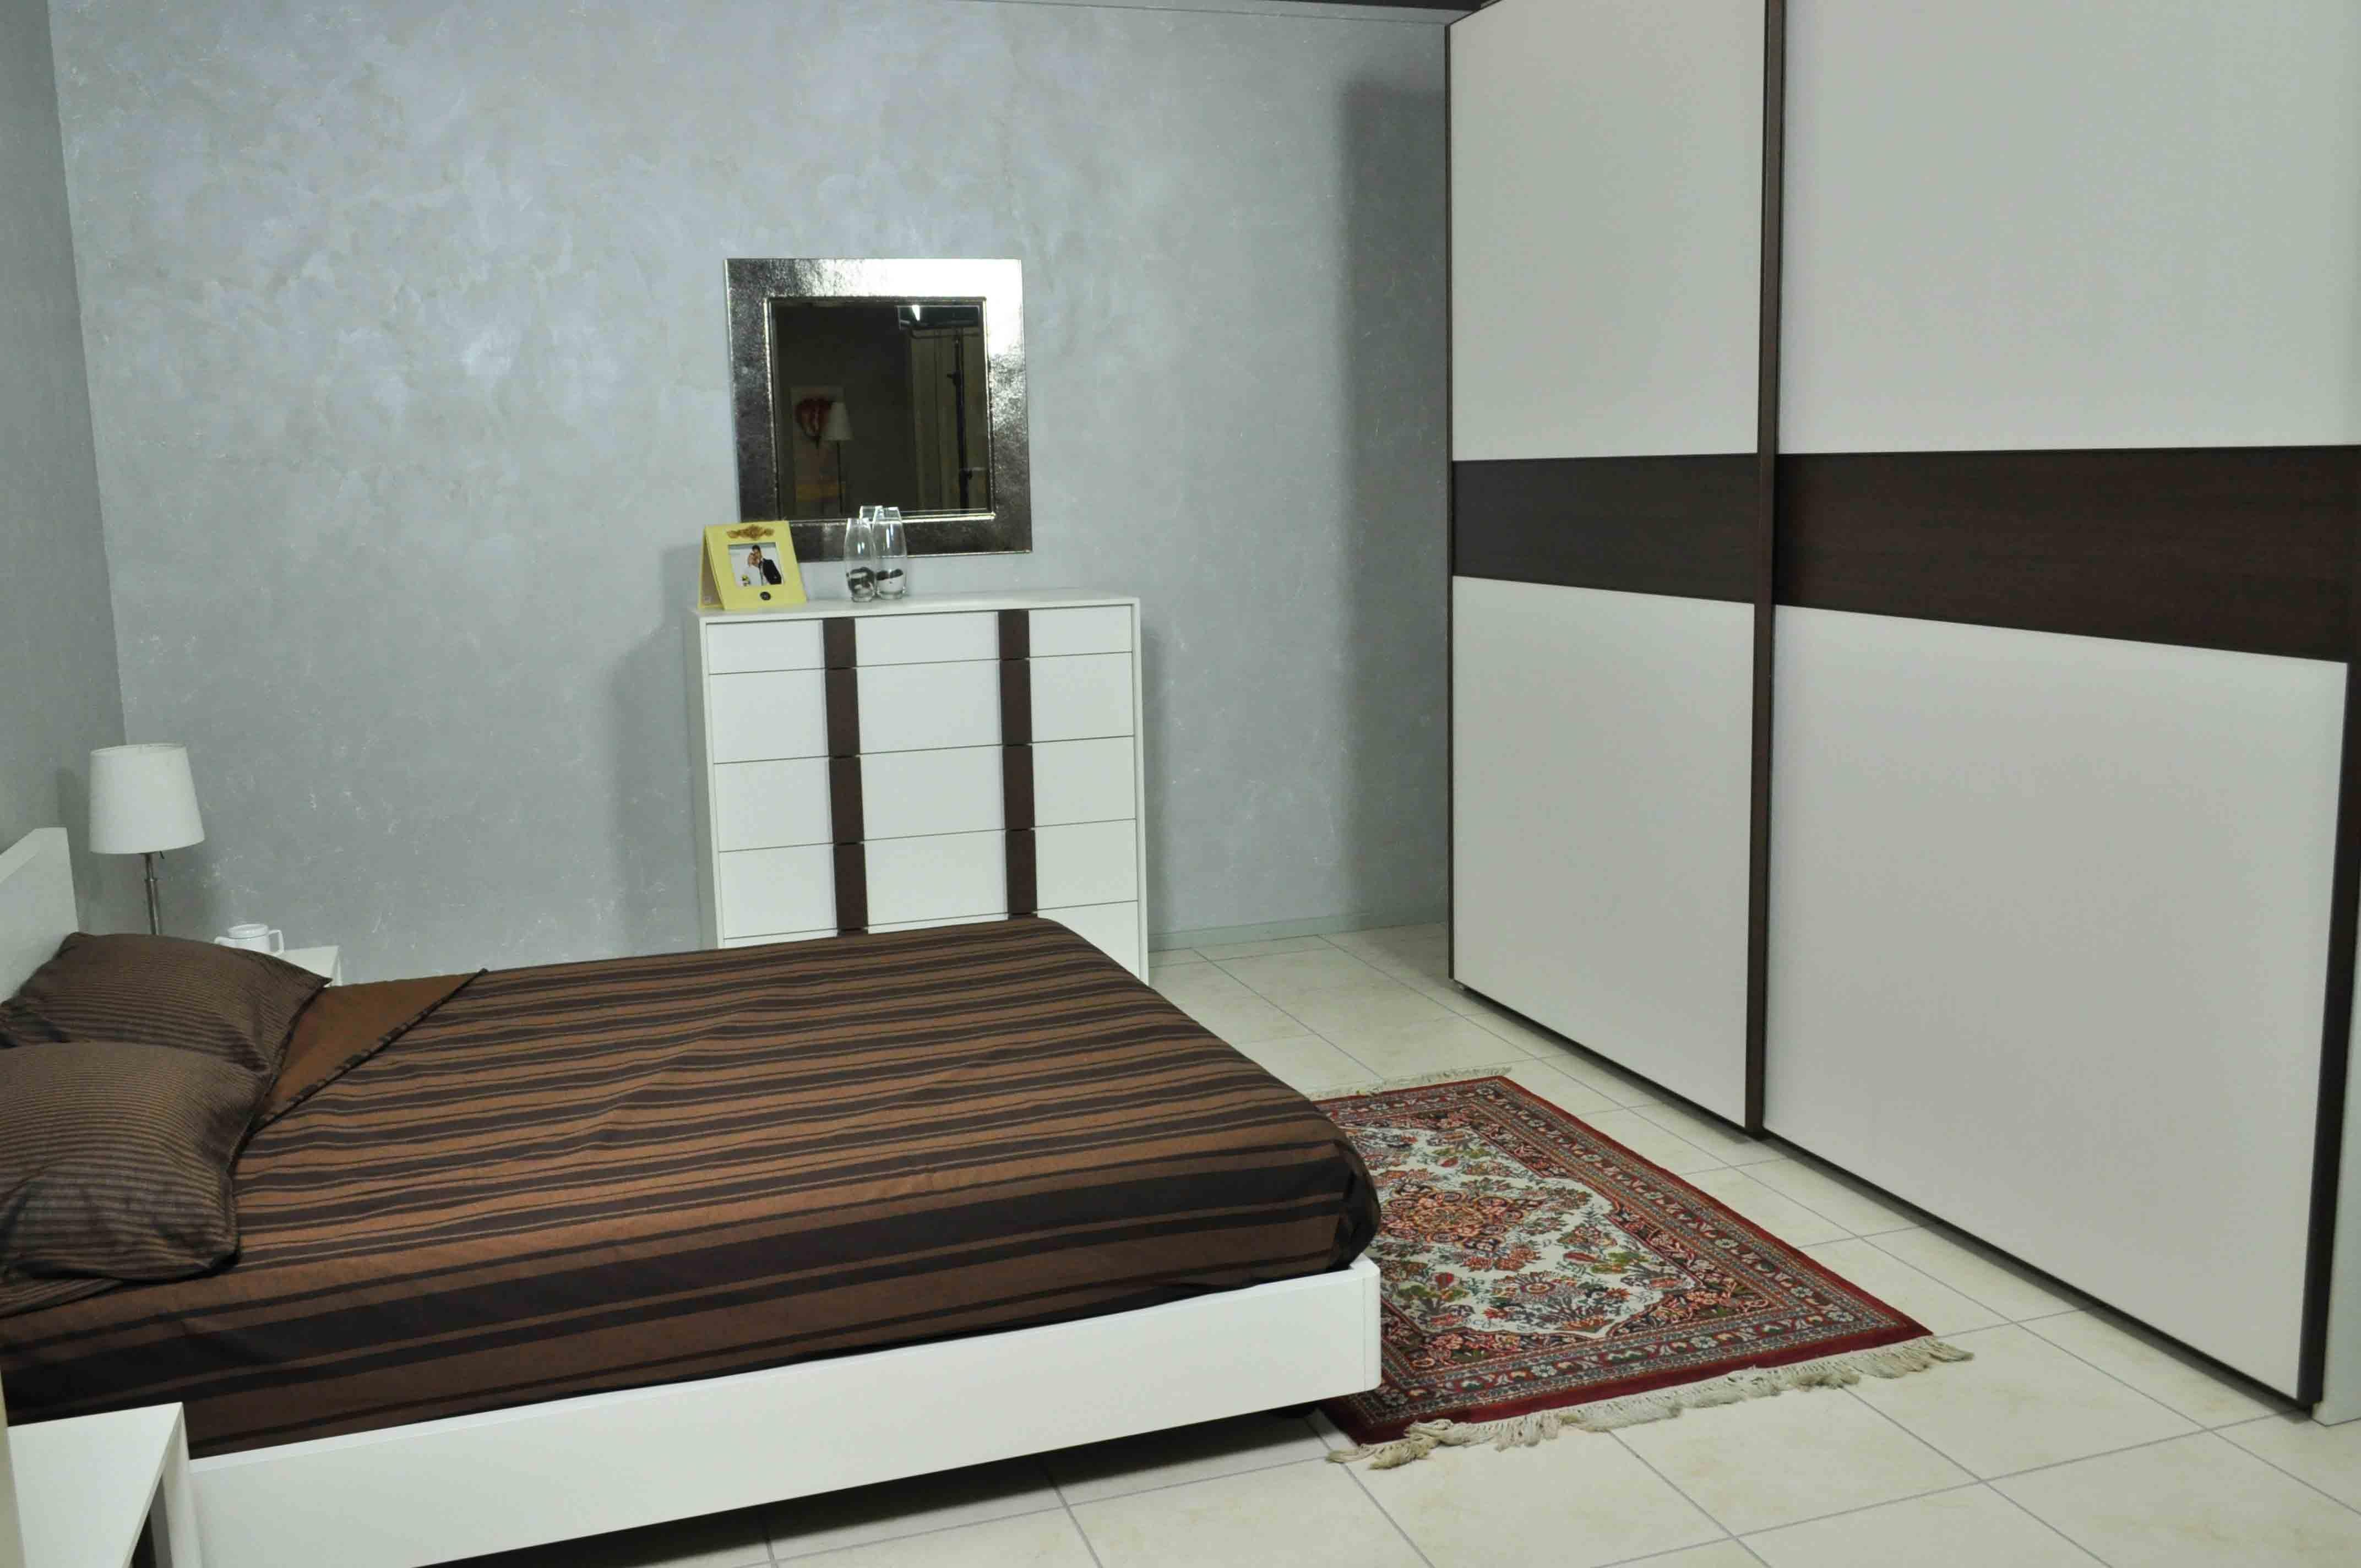 Camera matrimoniale completa di Colombini Vitalyty - Camere da letto a ...